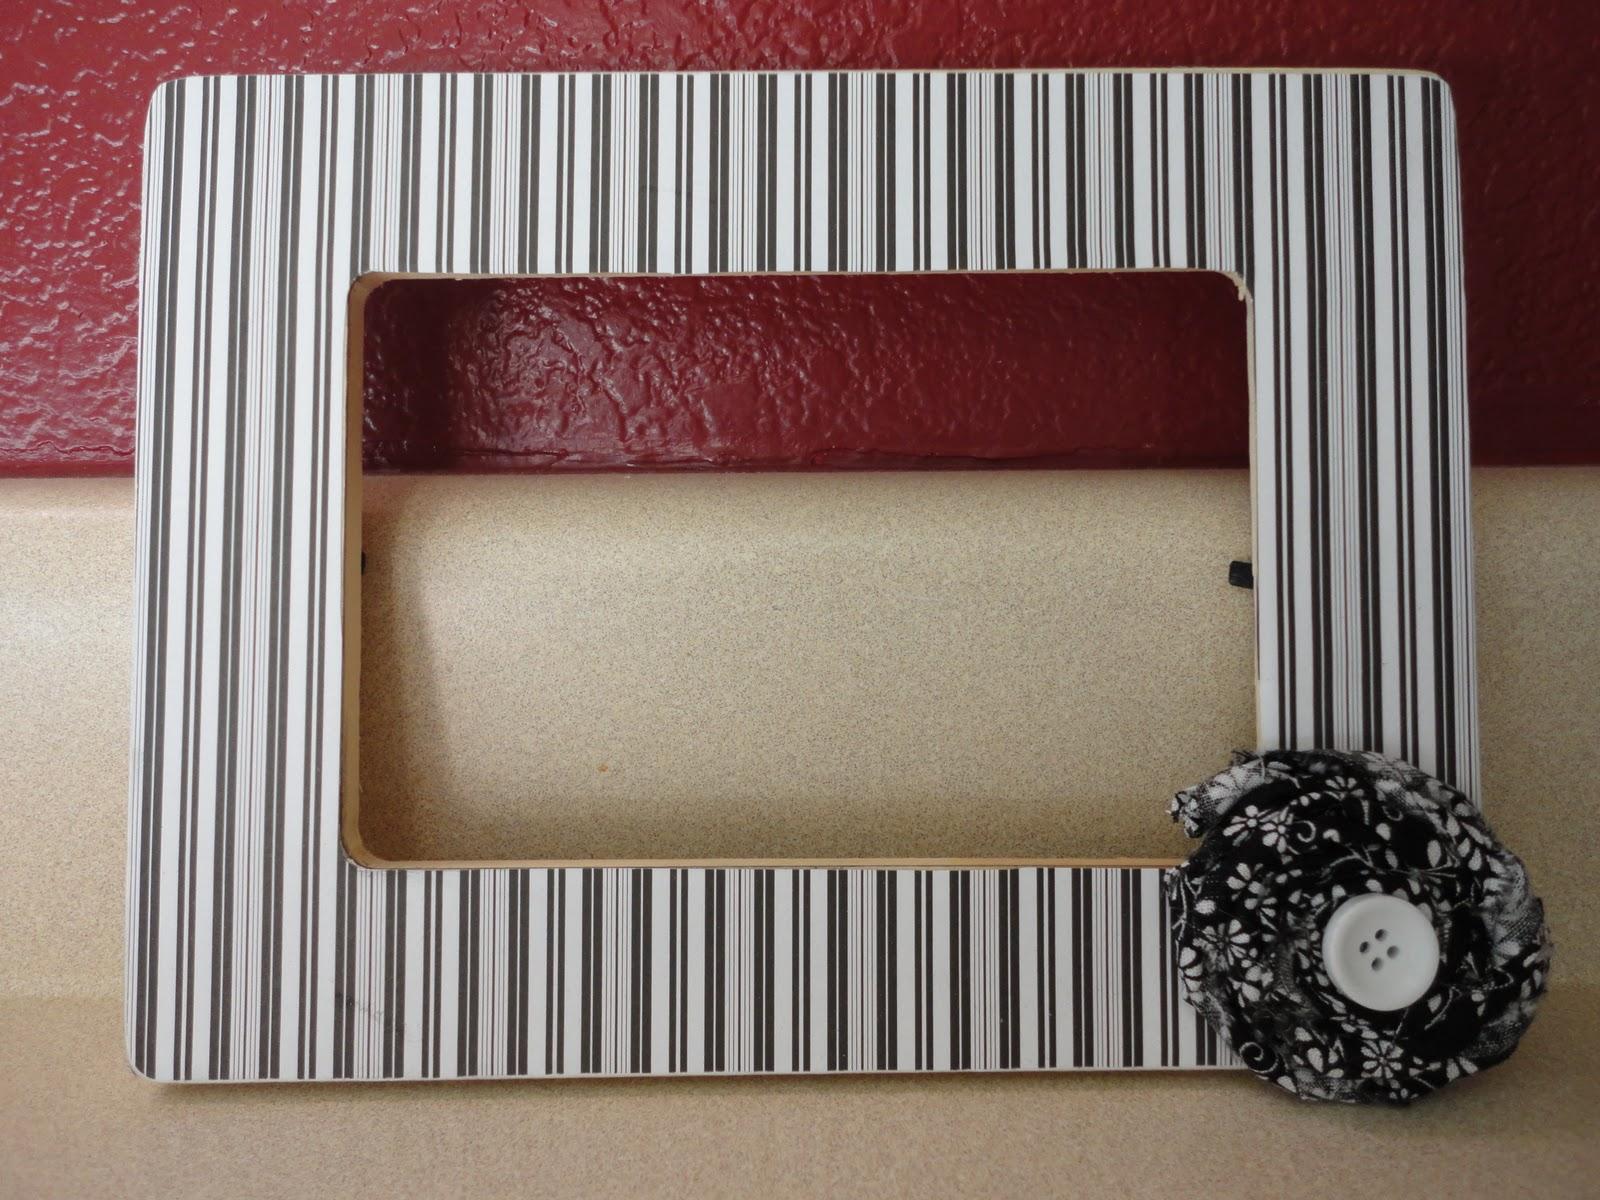 Embellished Frames | Occasionally Crafty: Embellished Frames